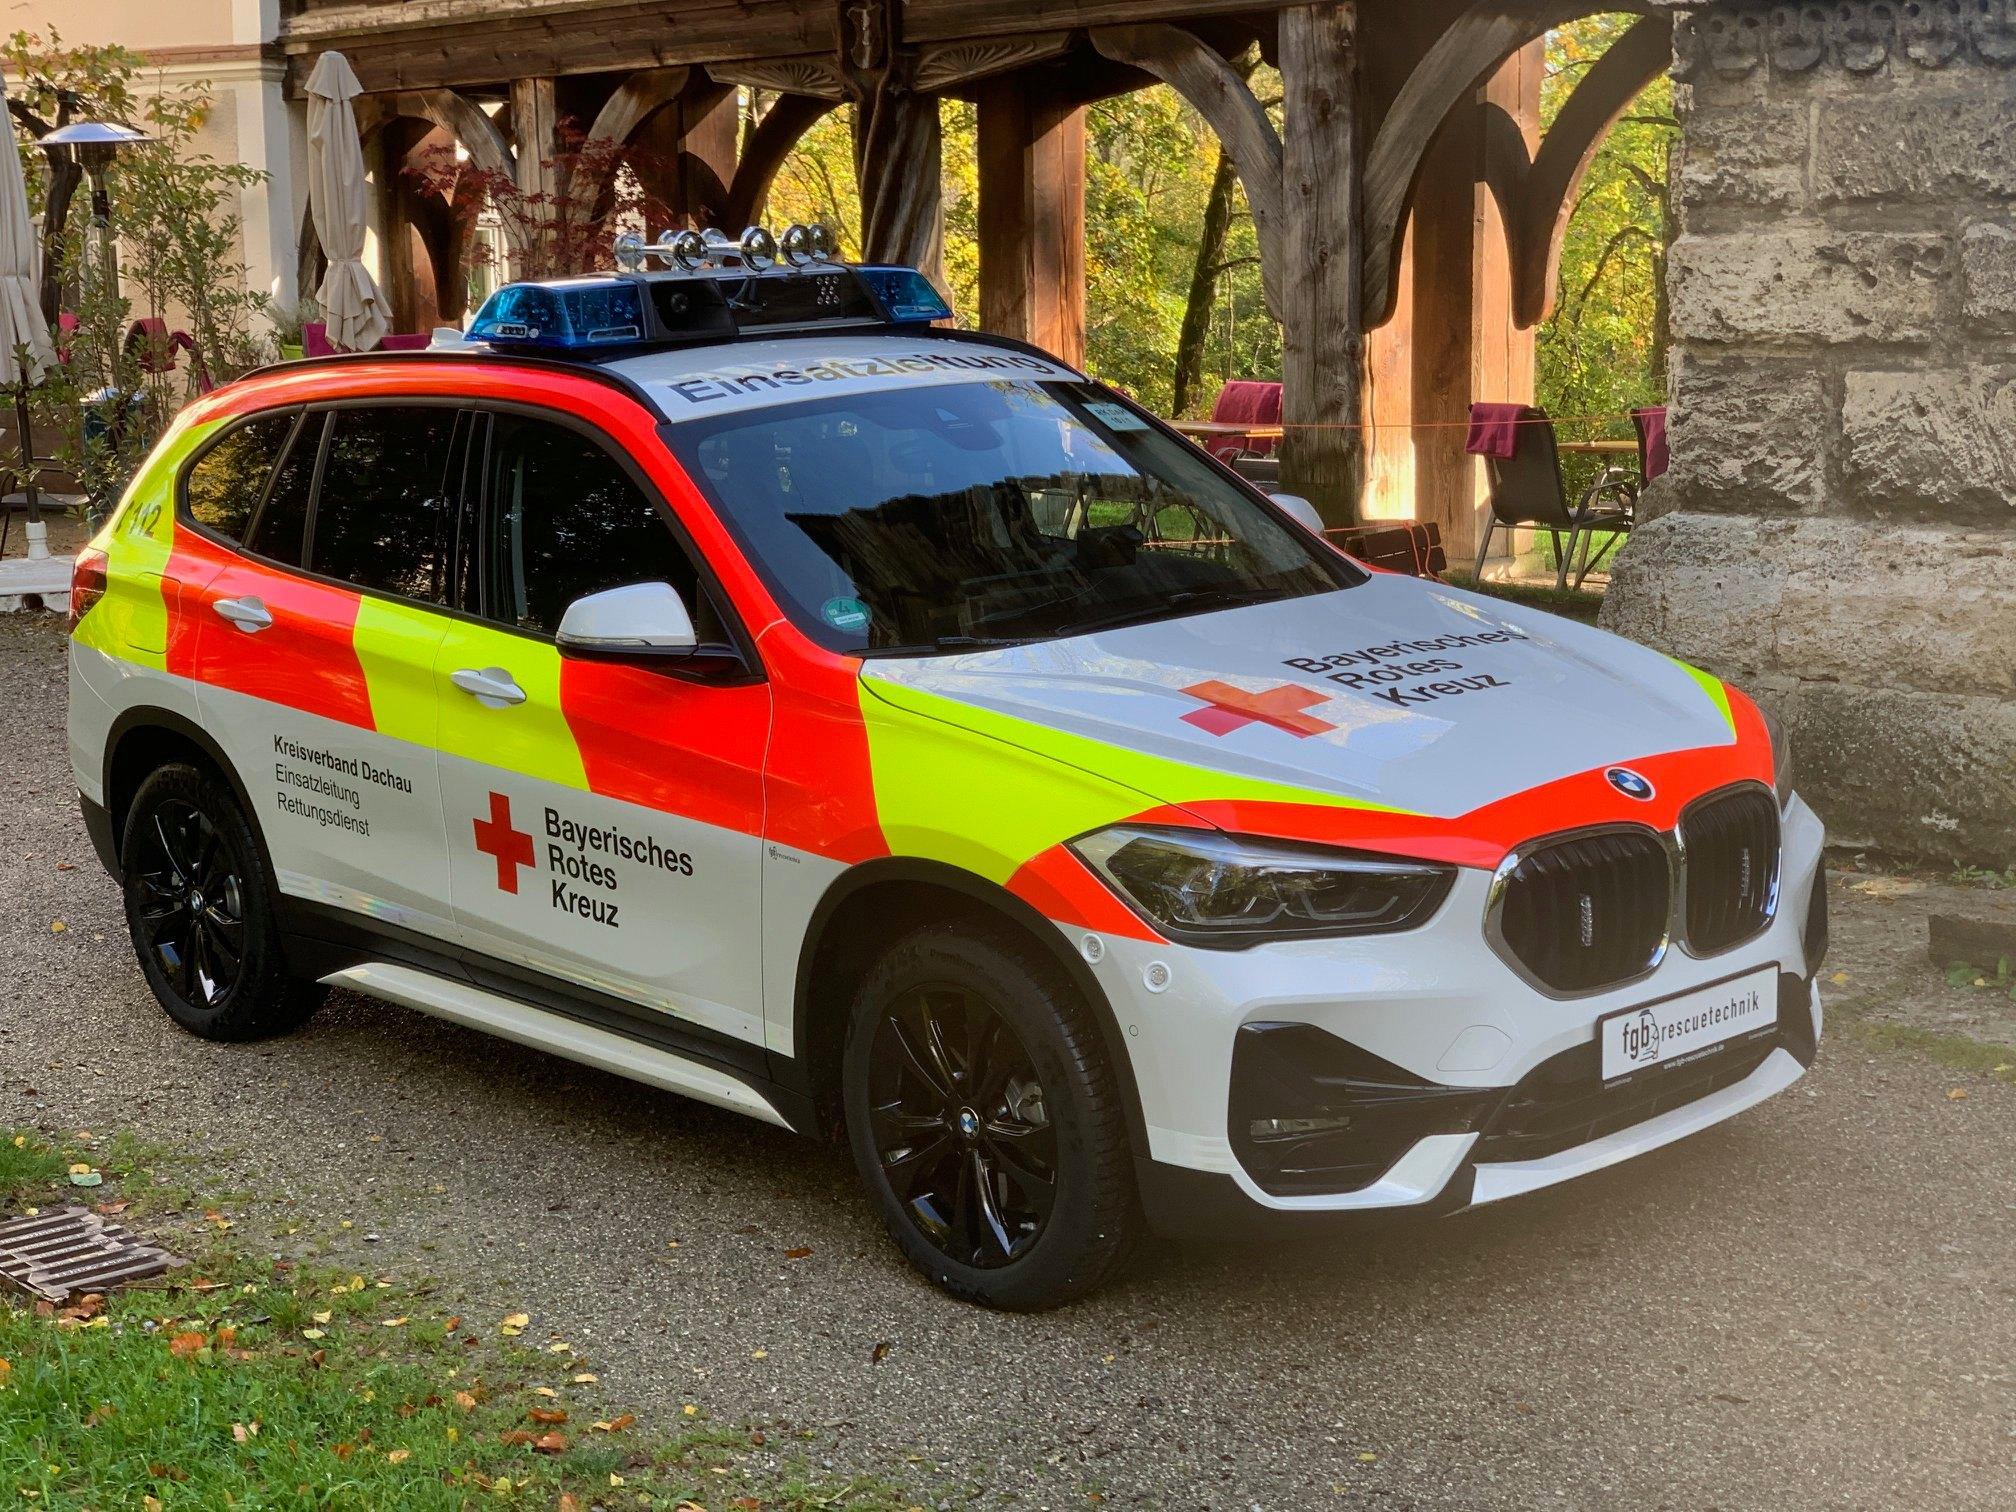 RTK7 Hella KDOW Einsatzleiter Rettungsdienst BRK Dachau auf BMW X1